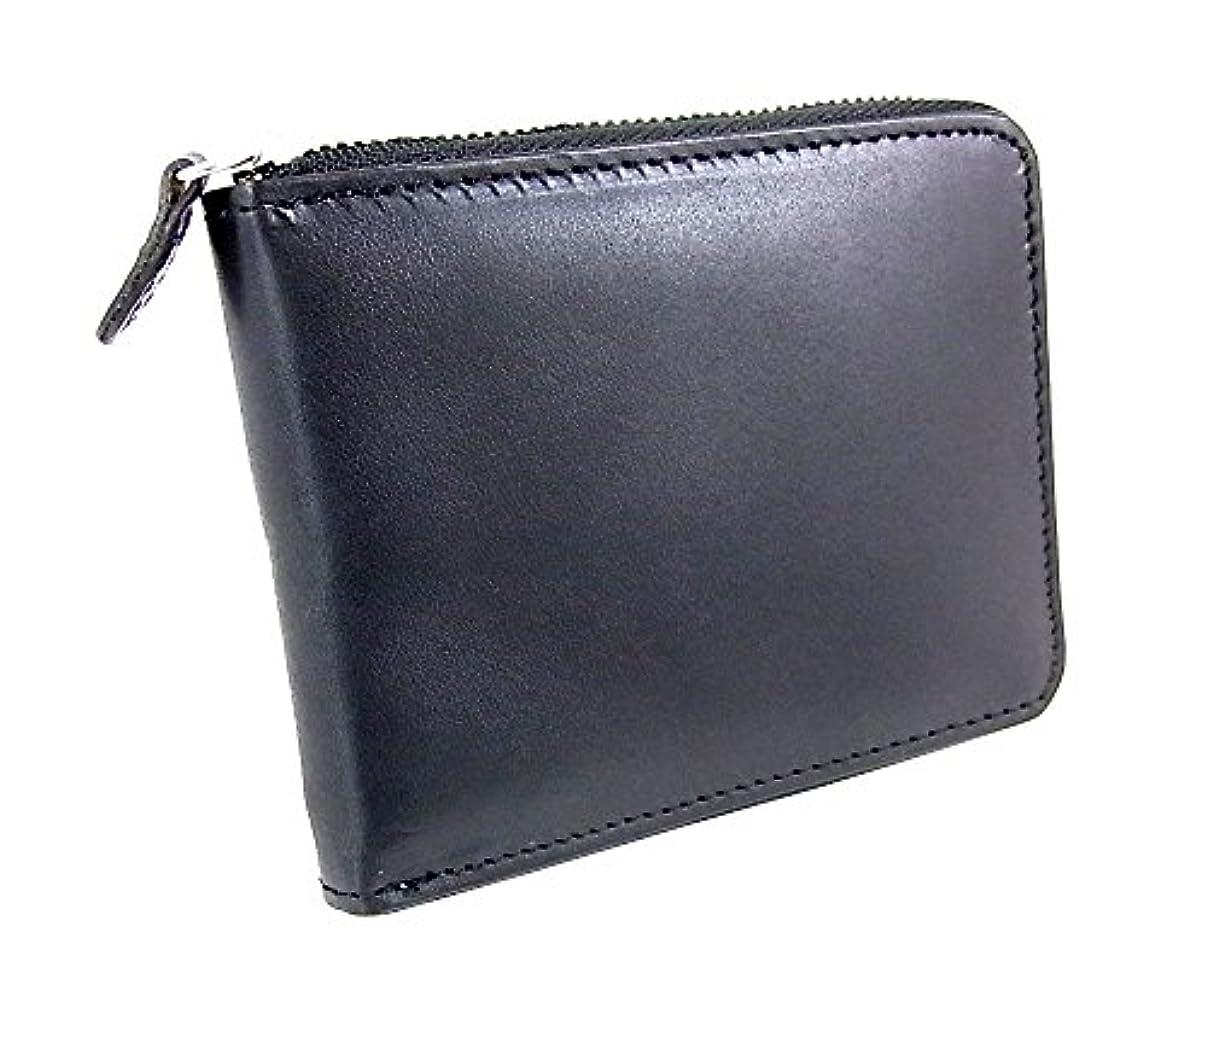 階層モロニック長老コインケース BN-2052 黒色 栃木レザー ラウンドファスナー 短財布 札入れ カード 小銭入れ